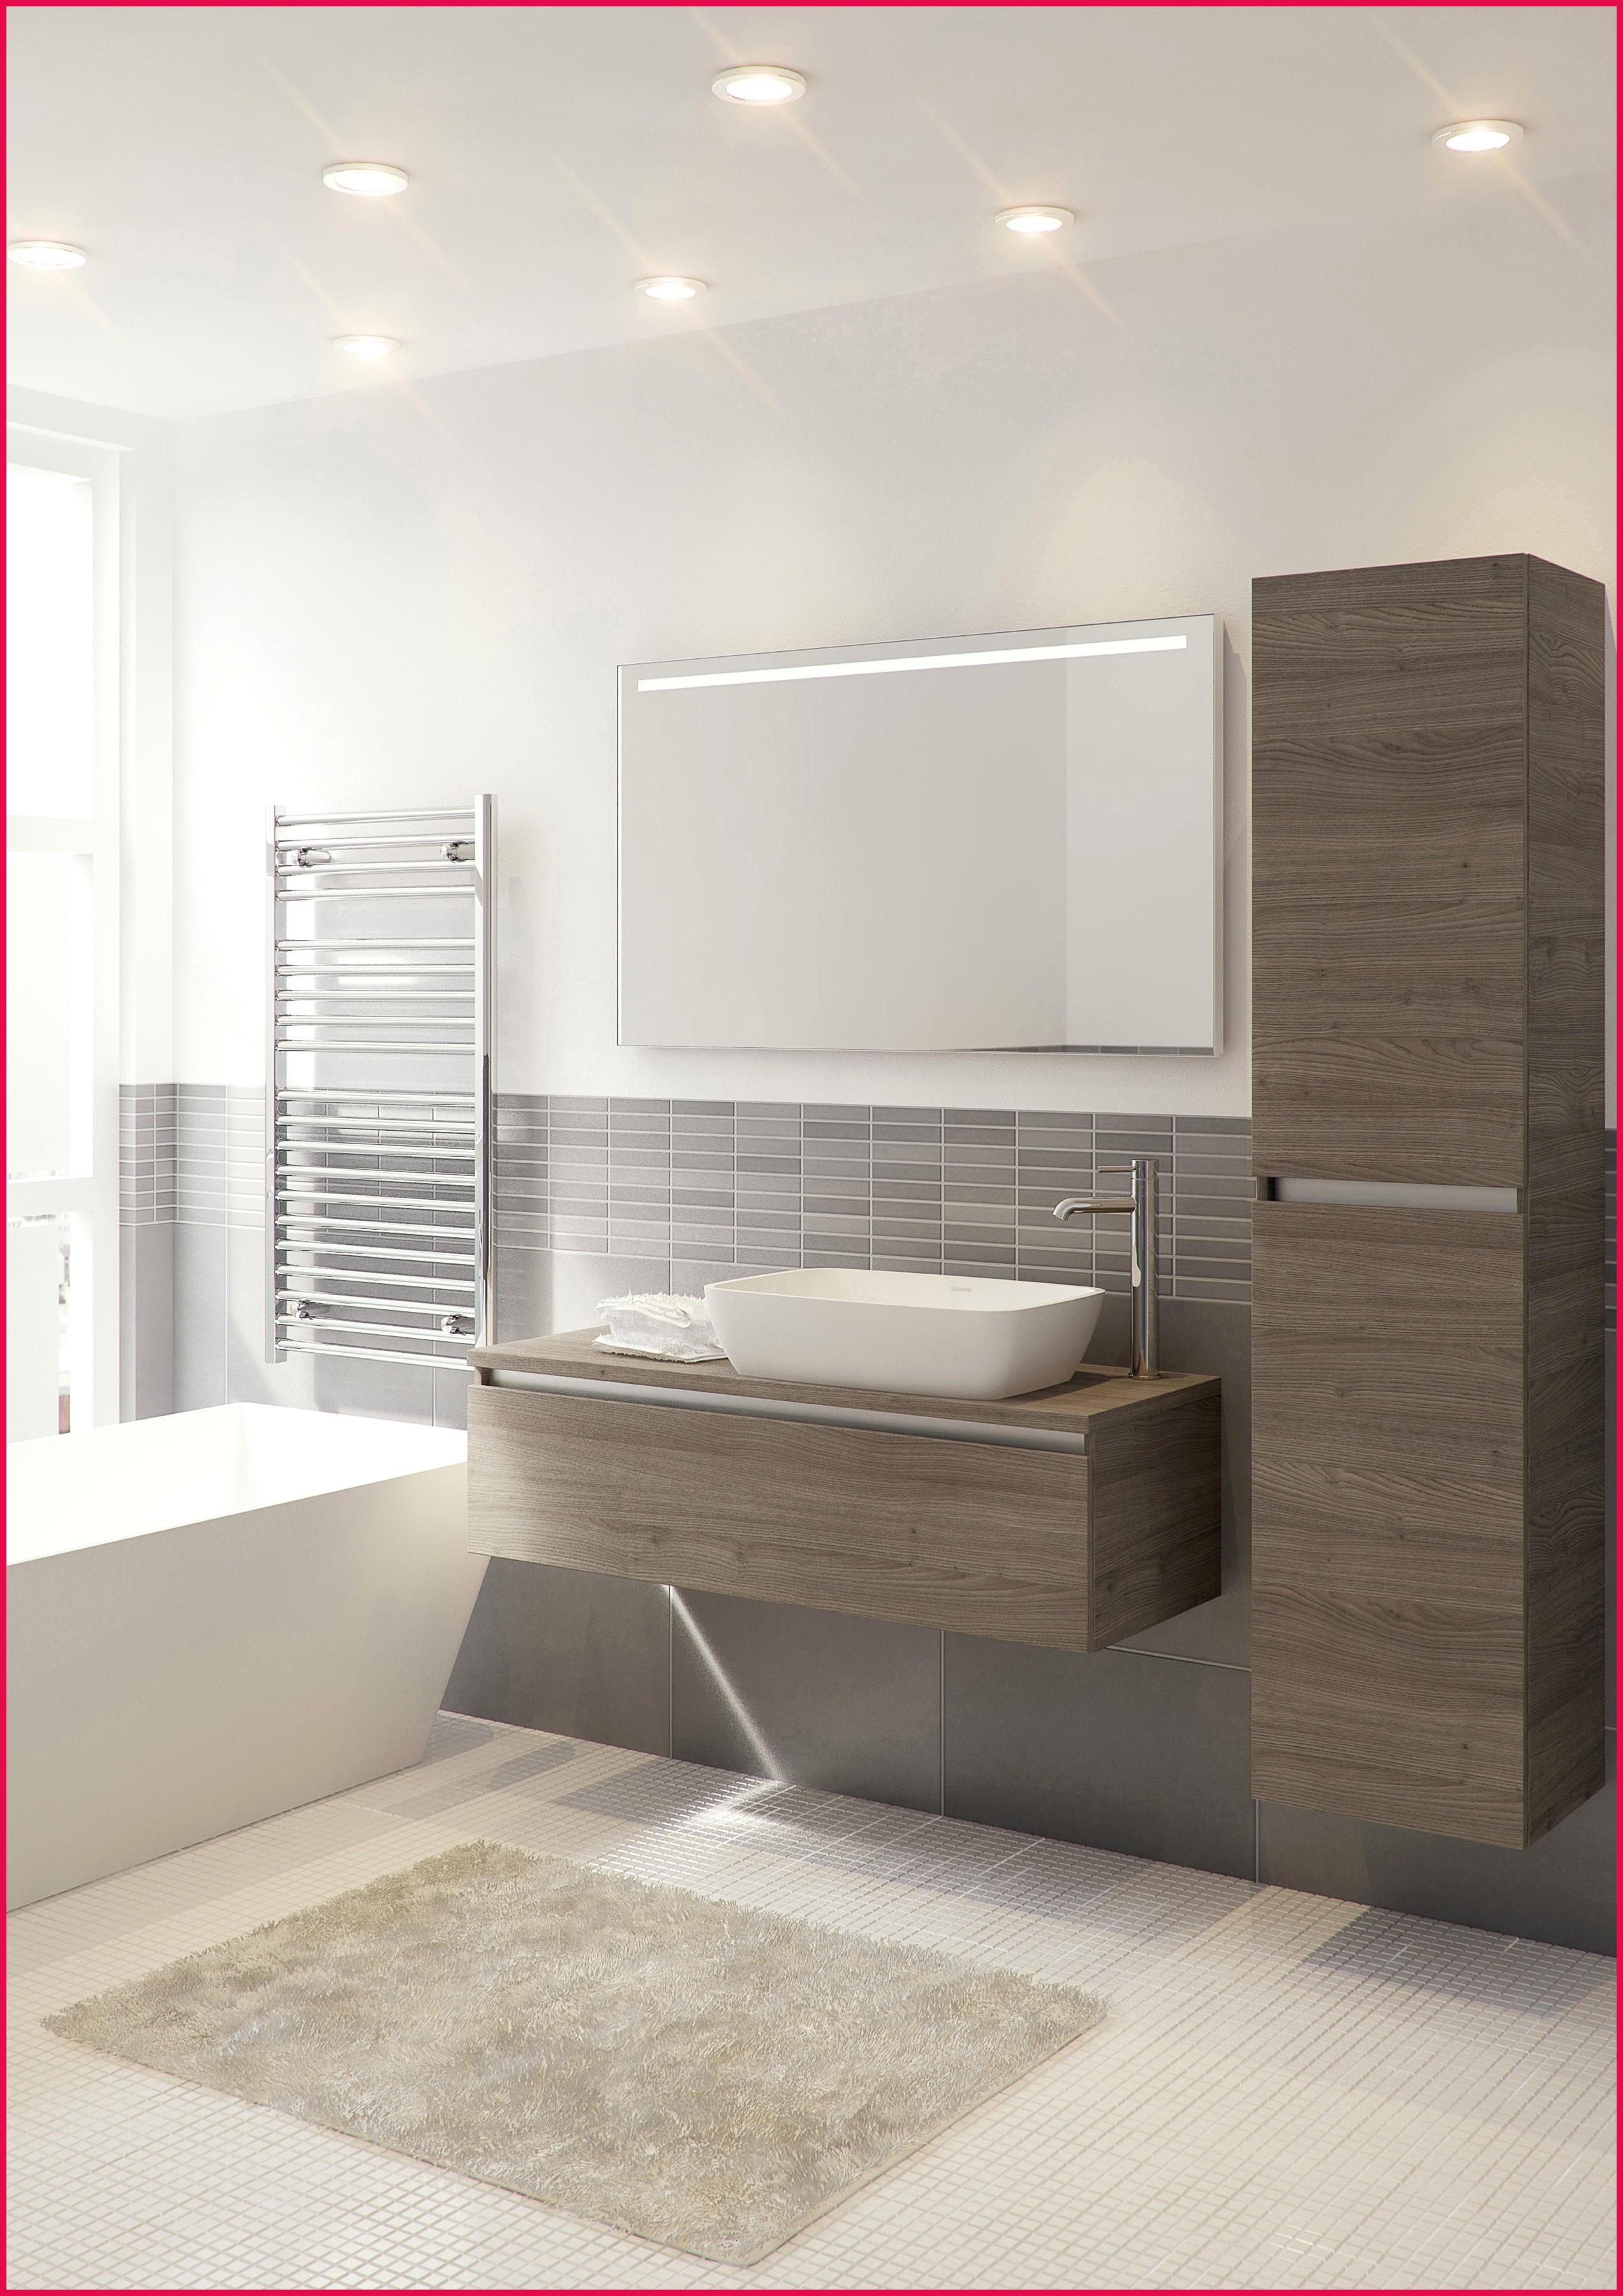 plan appartement 50m2 duplex altoservices. Black Bedroom Furniture Sets. Home Design Ideas